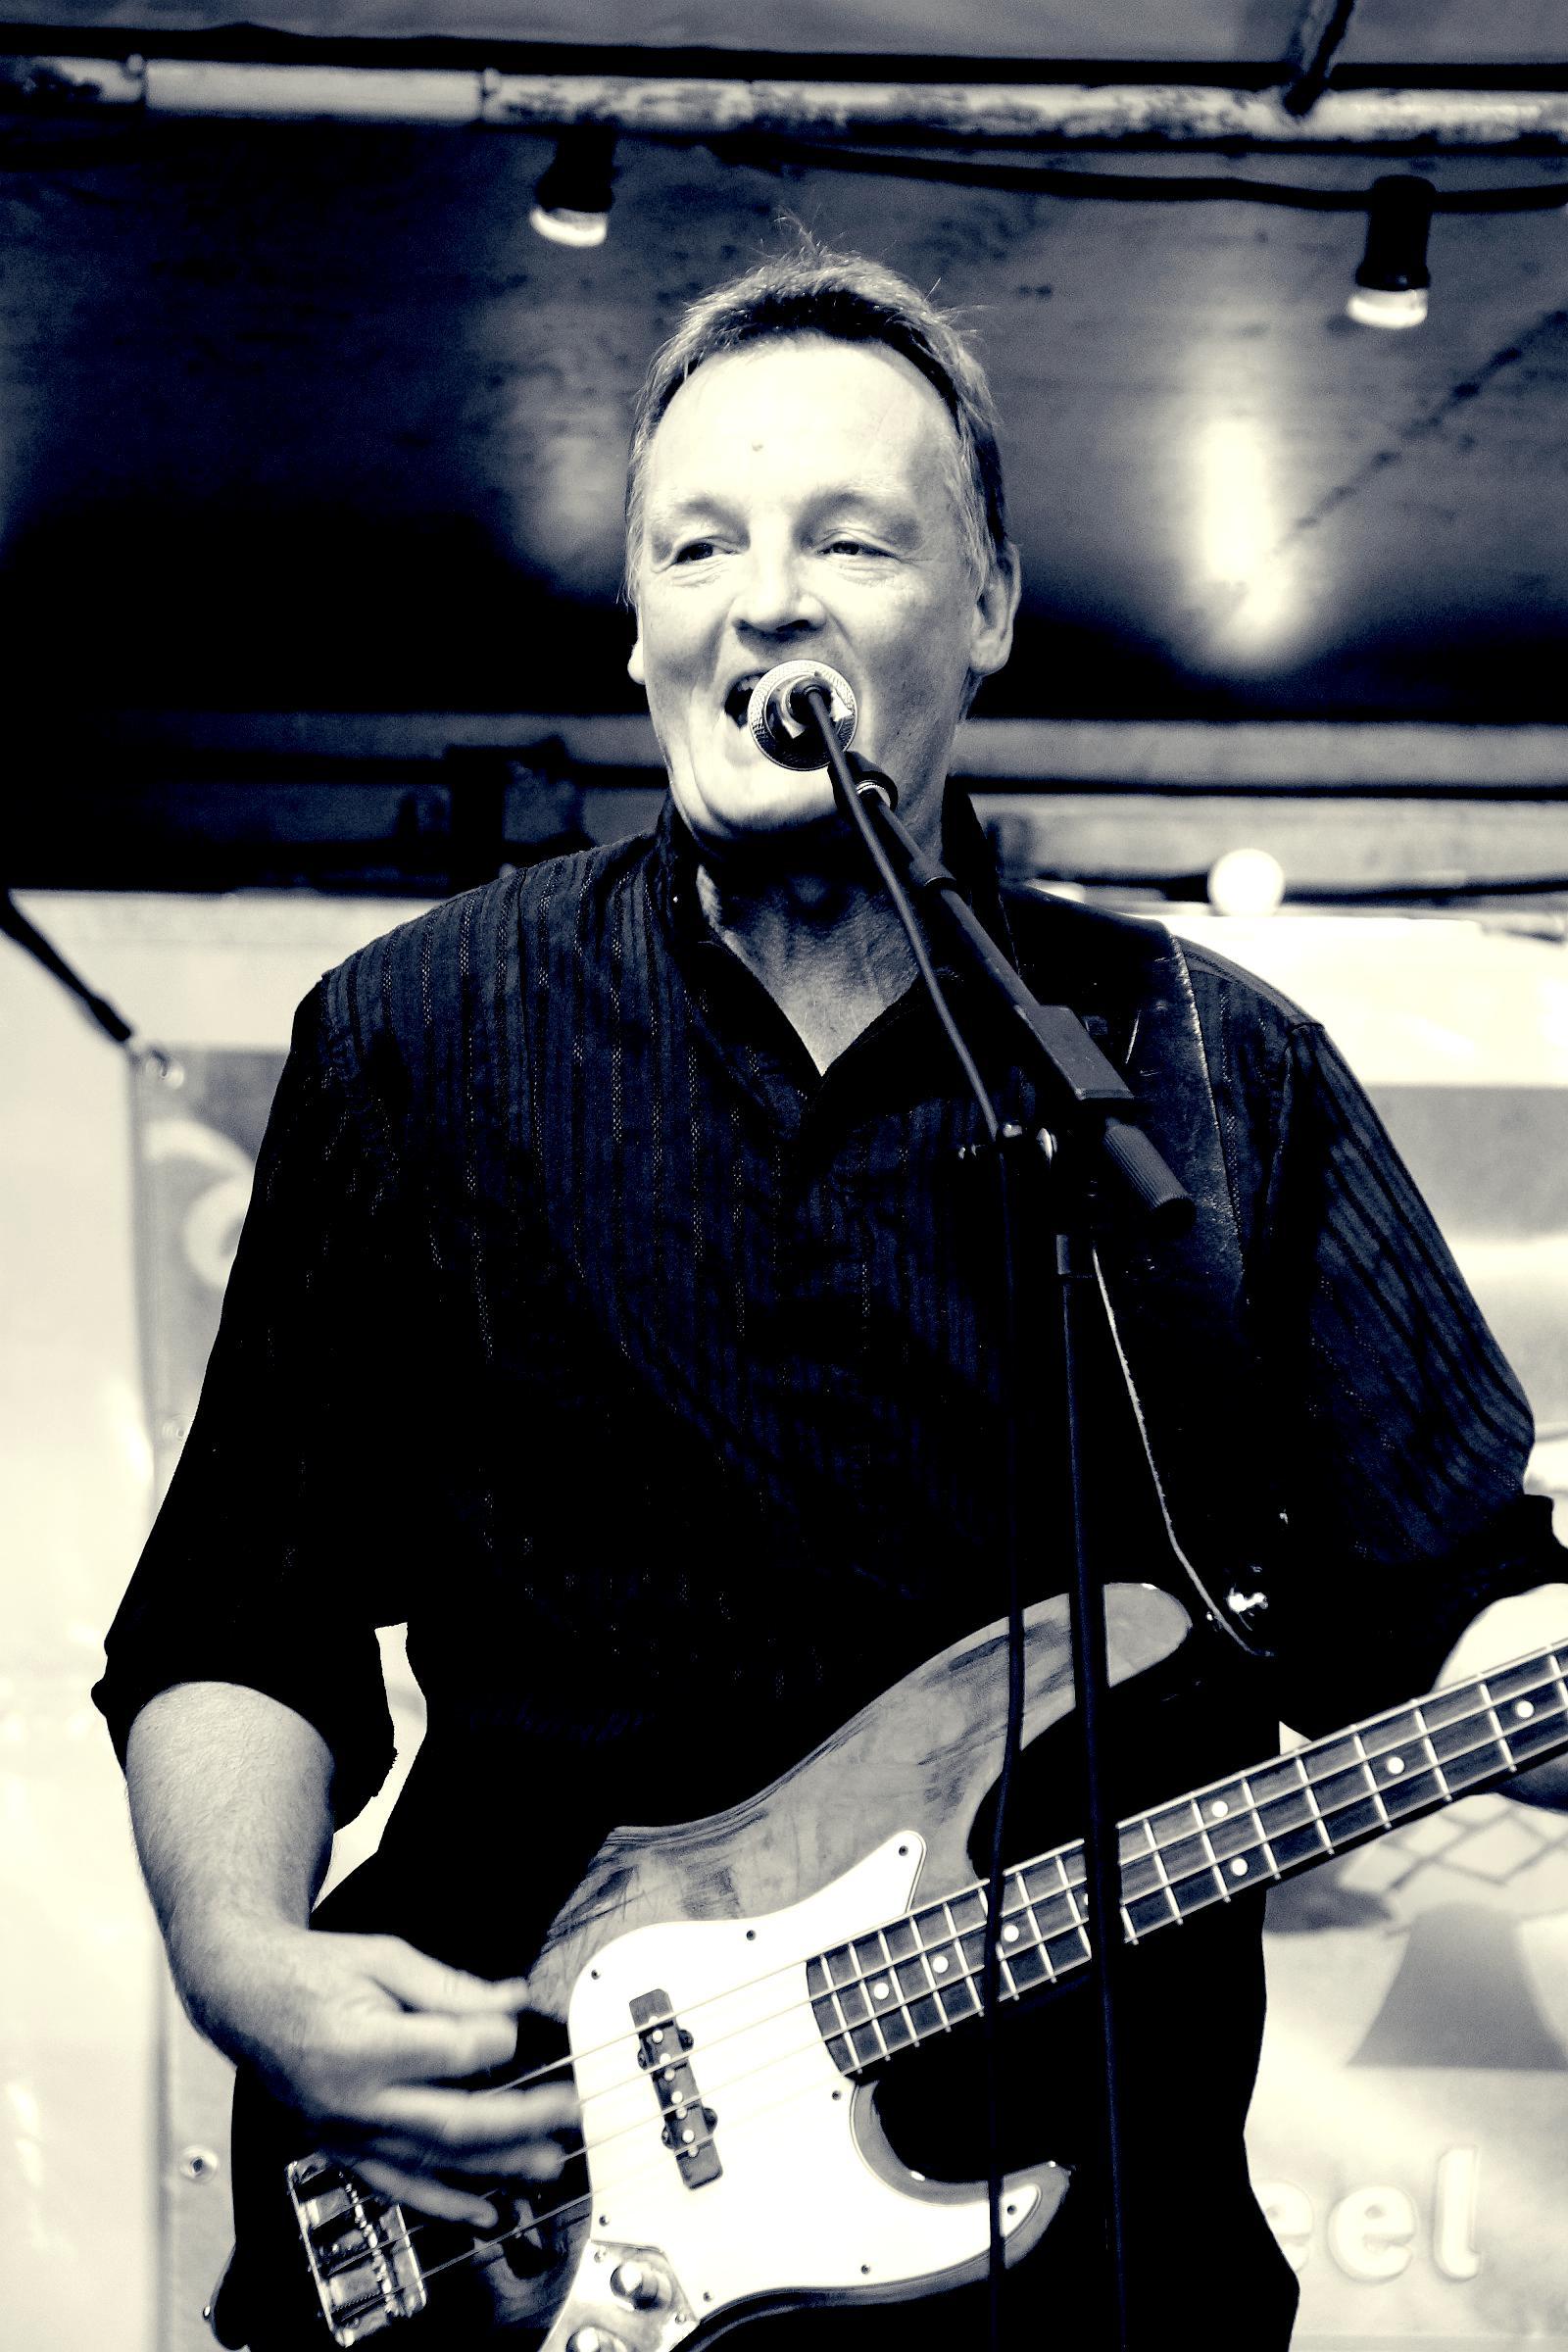 foto: Maarten van de Krol, ZON Festival, Zuilen Utrecht, september 2014.